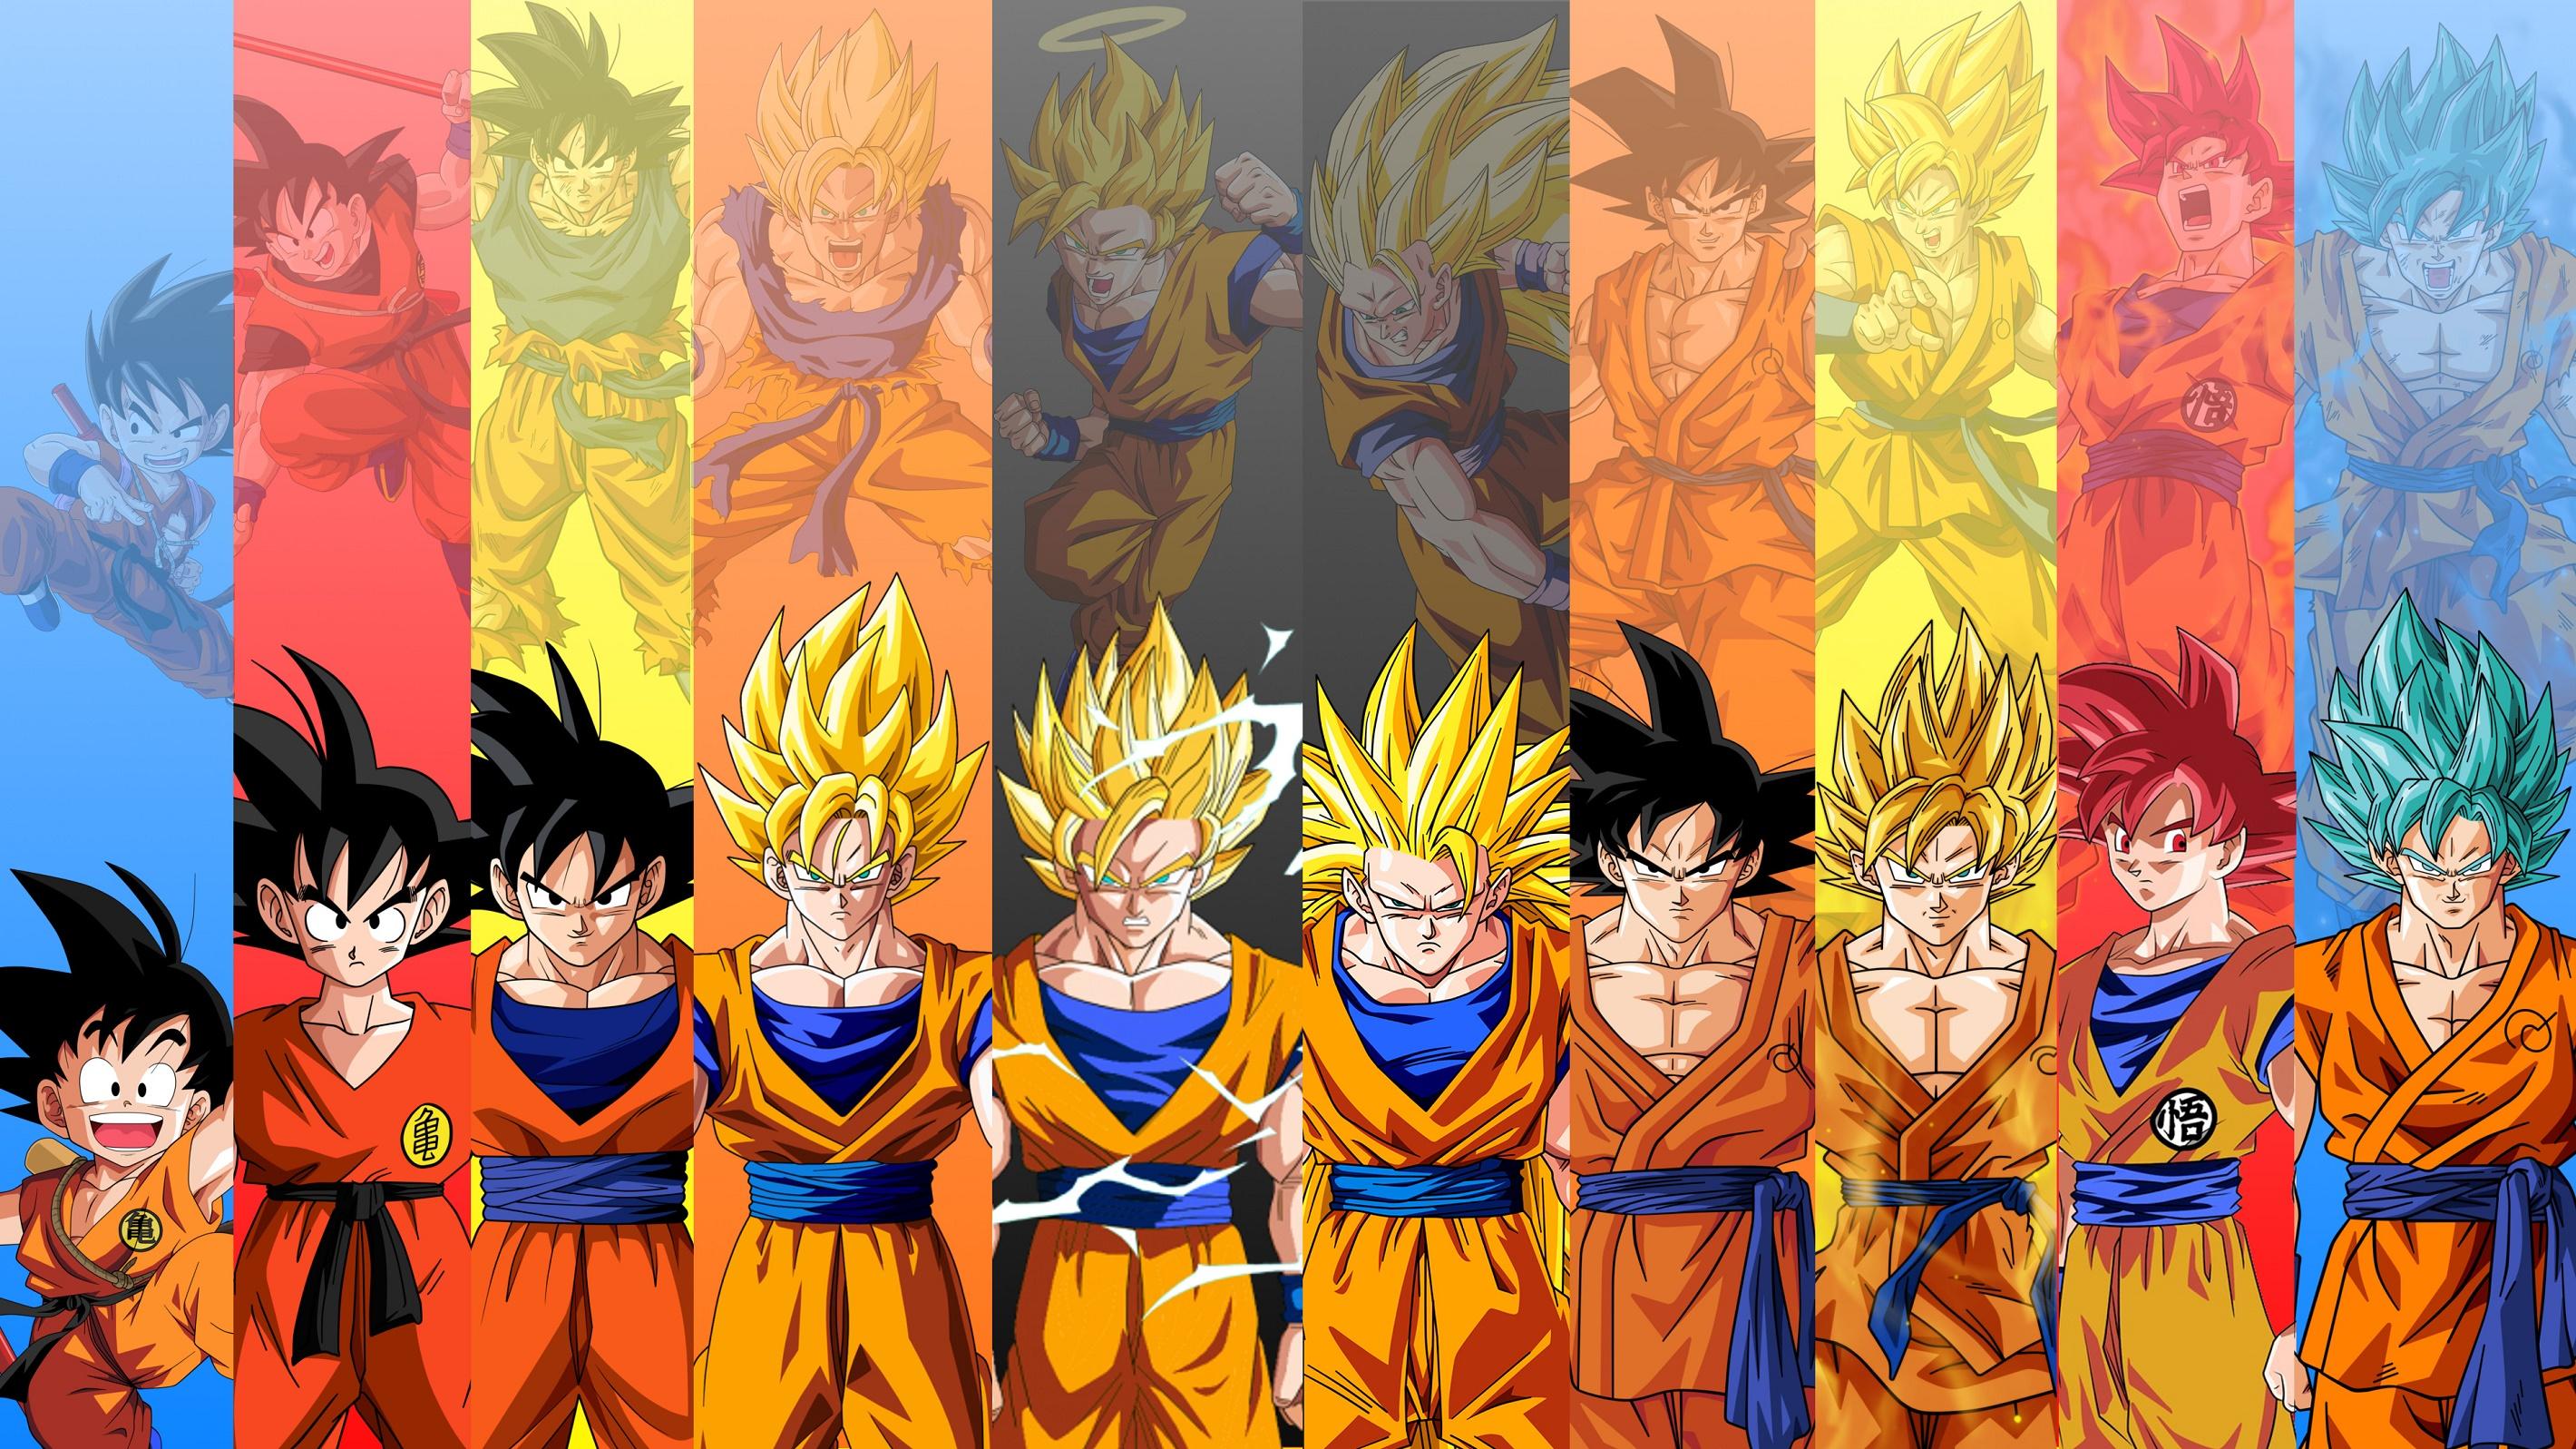 Fondos de Dragon Ball Super Wallpapers Dragon Ball Z 2840x1597